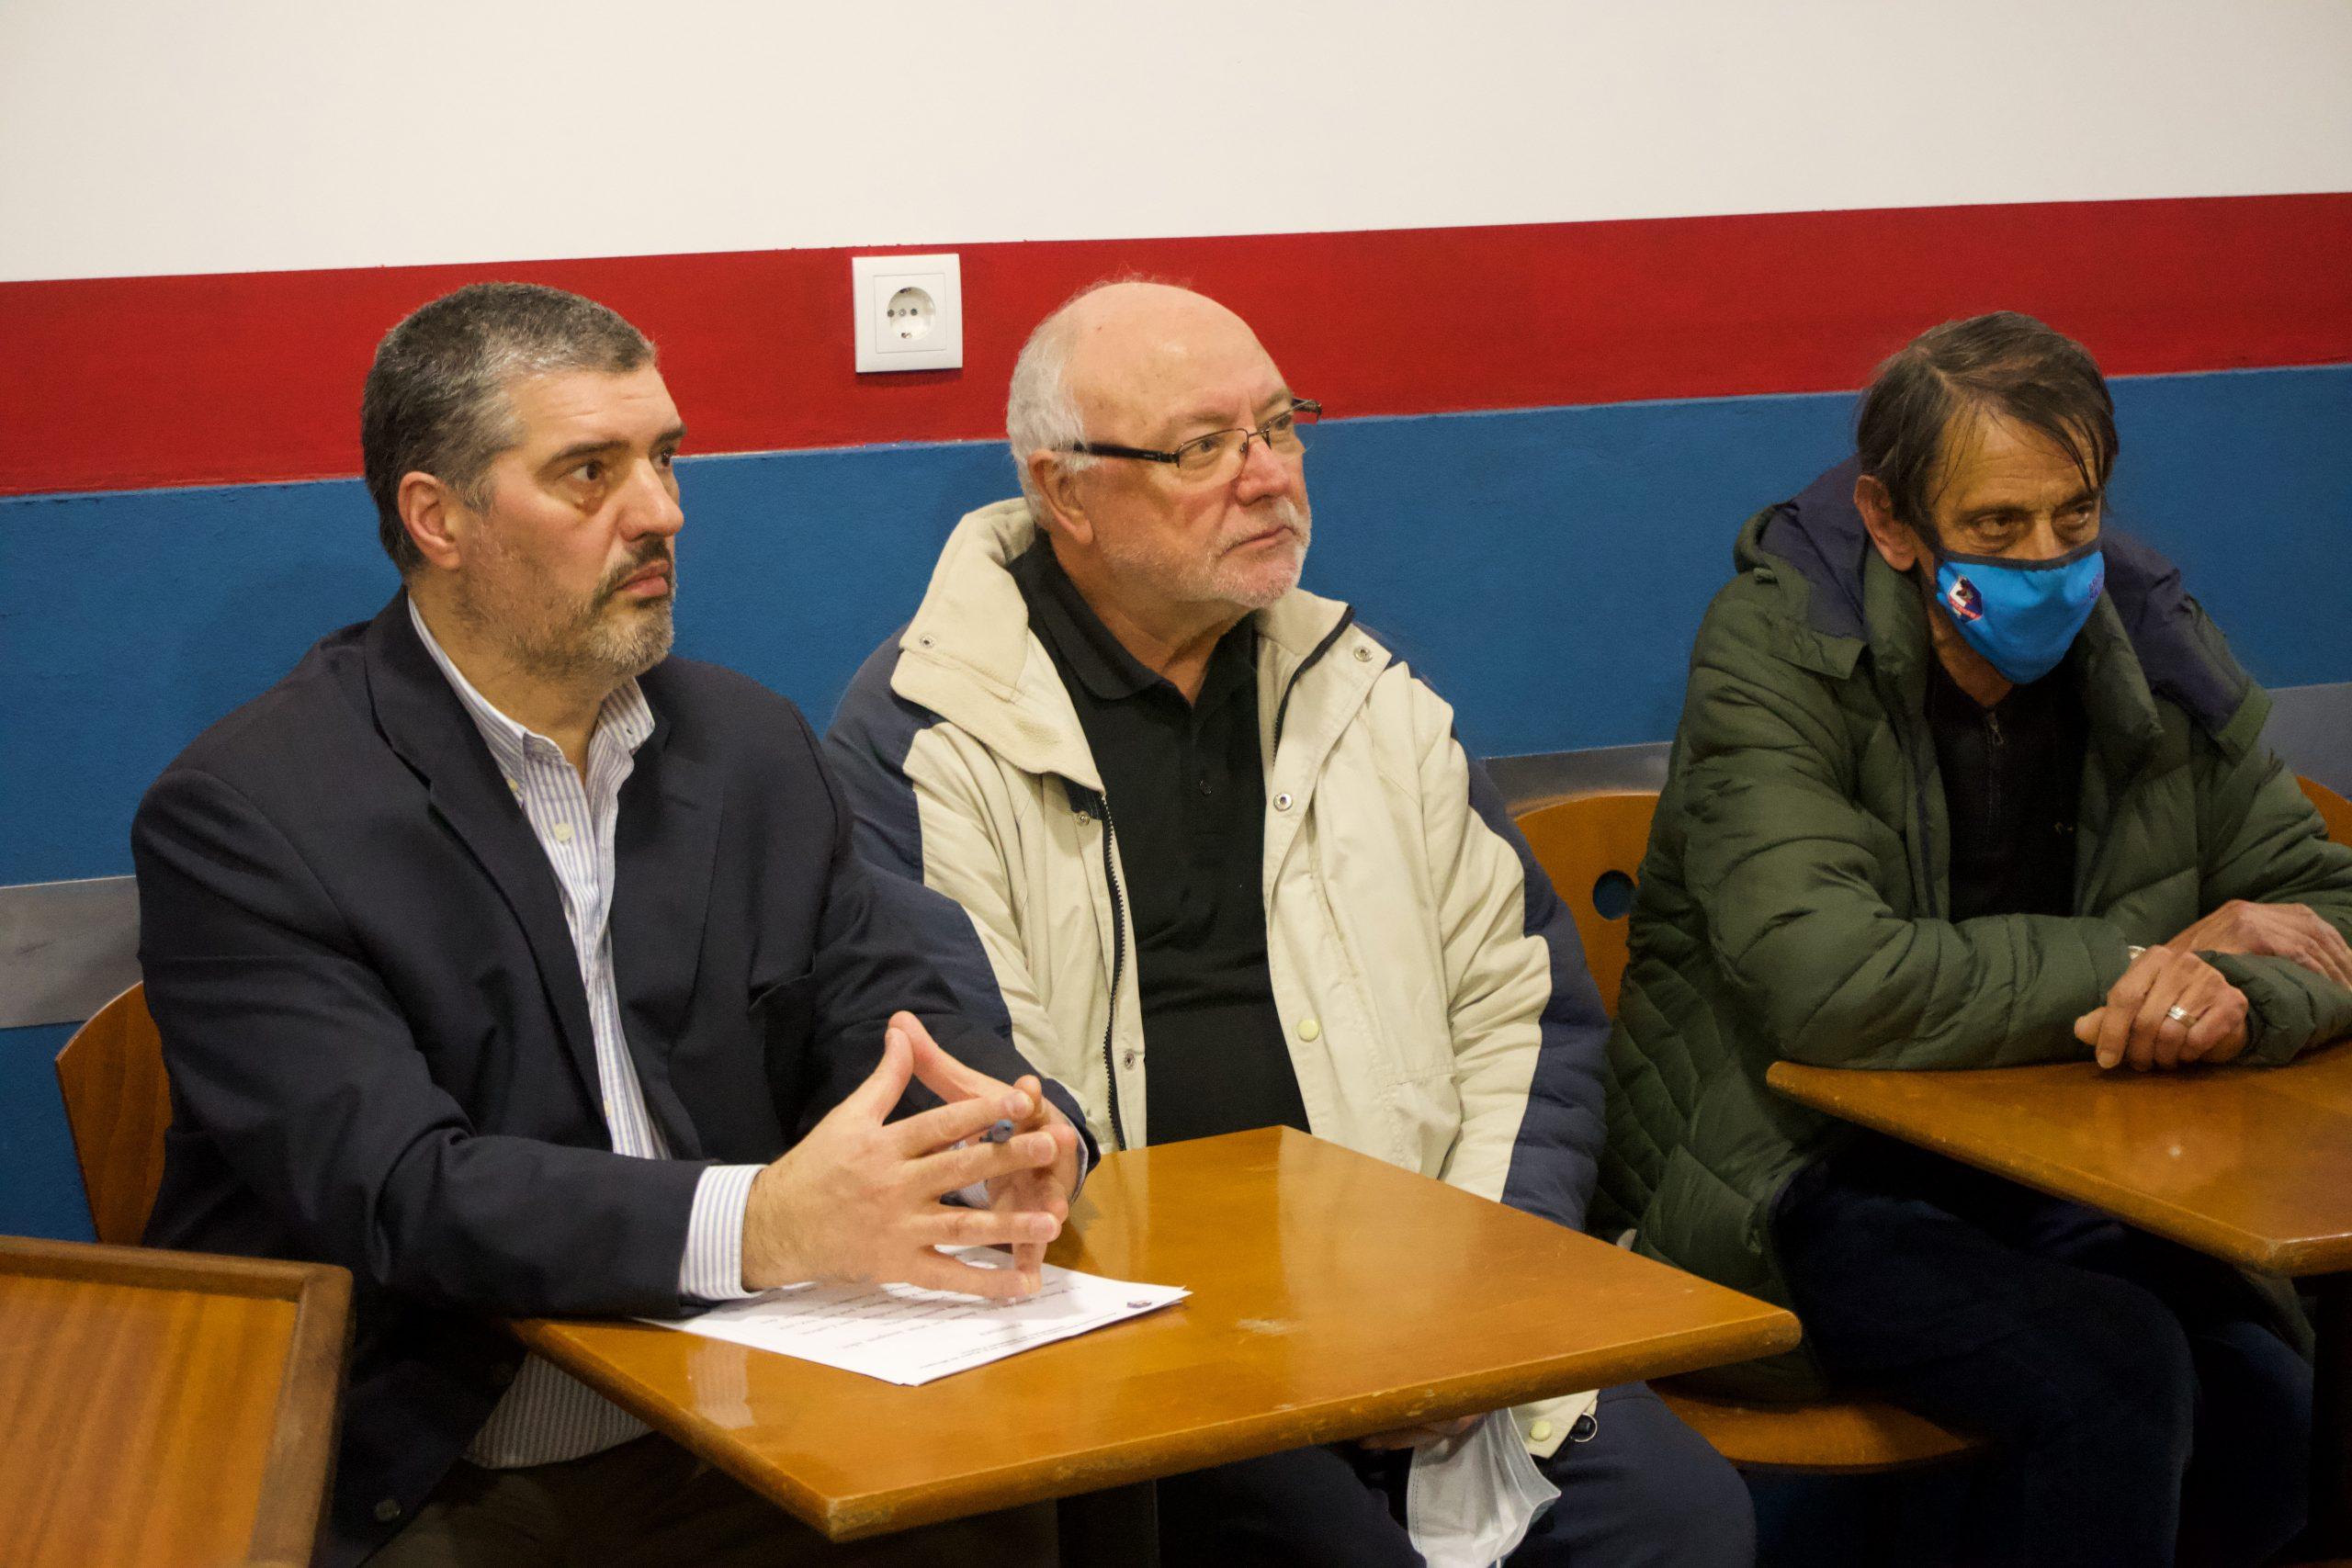 Diretores da Associação Recreativa e Desportiva São Pedro de Miragaia